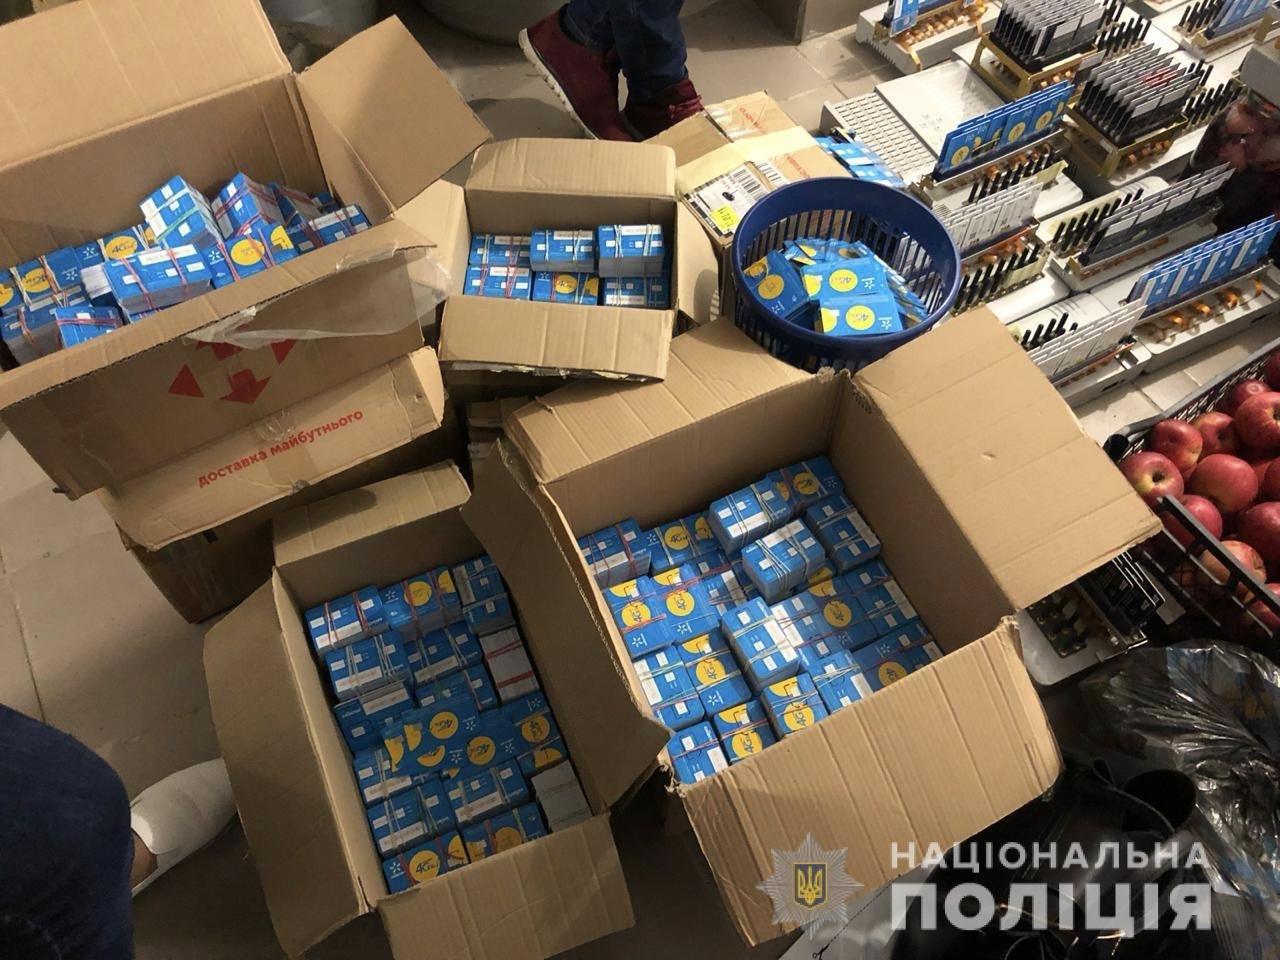 Кіберполіція викрила сервіс, що розсилав повідомлення про замінування та шахрайський спам по Україні, фото-6